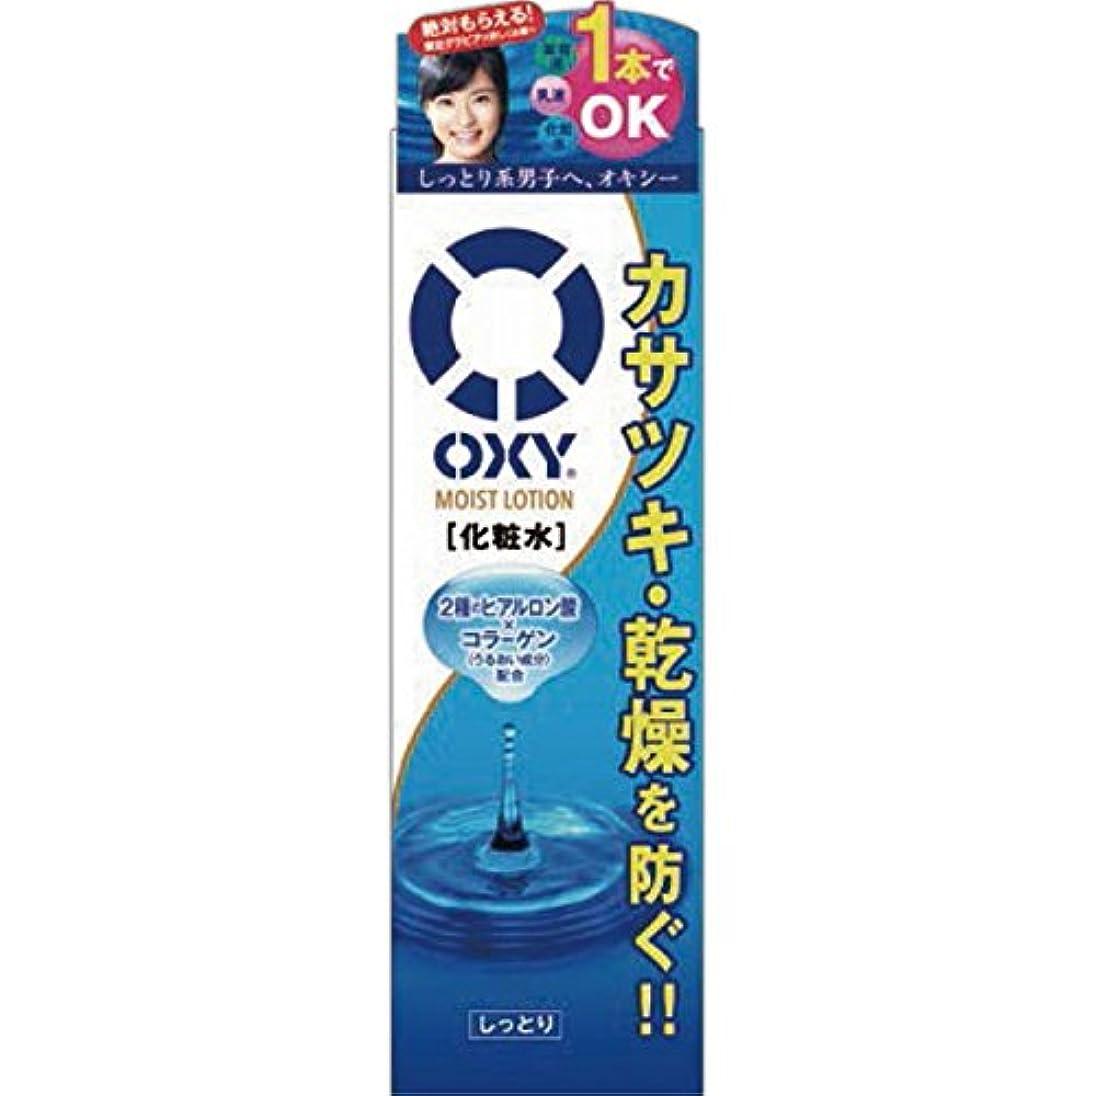 意識的言い訳無視するオキシー (Oxy) モイストローション オールインワン化粧水 2種のヒアルロン酸×コラーゲン配合 ゼラニウムの香 170mL